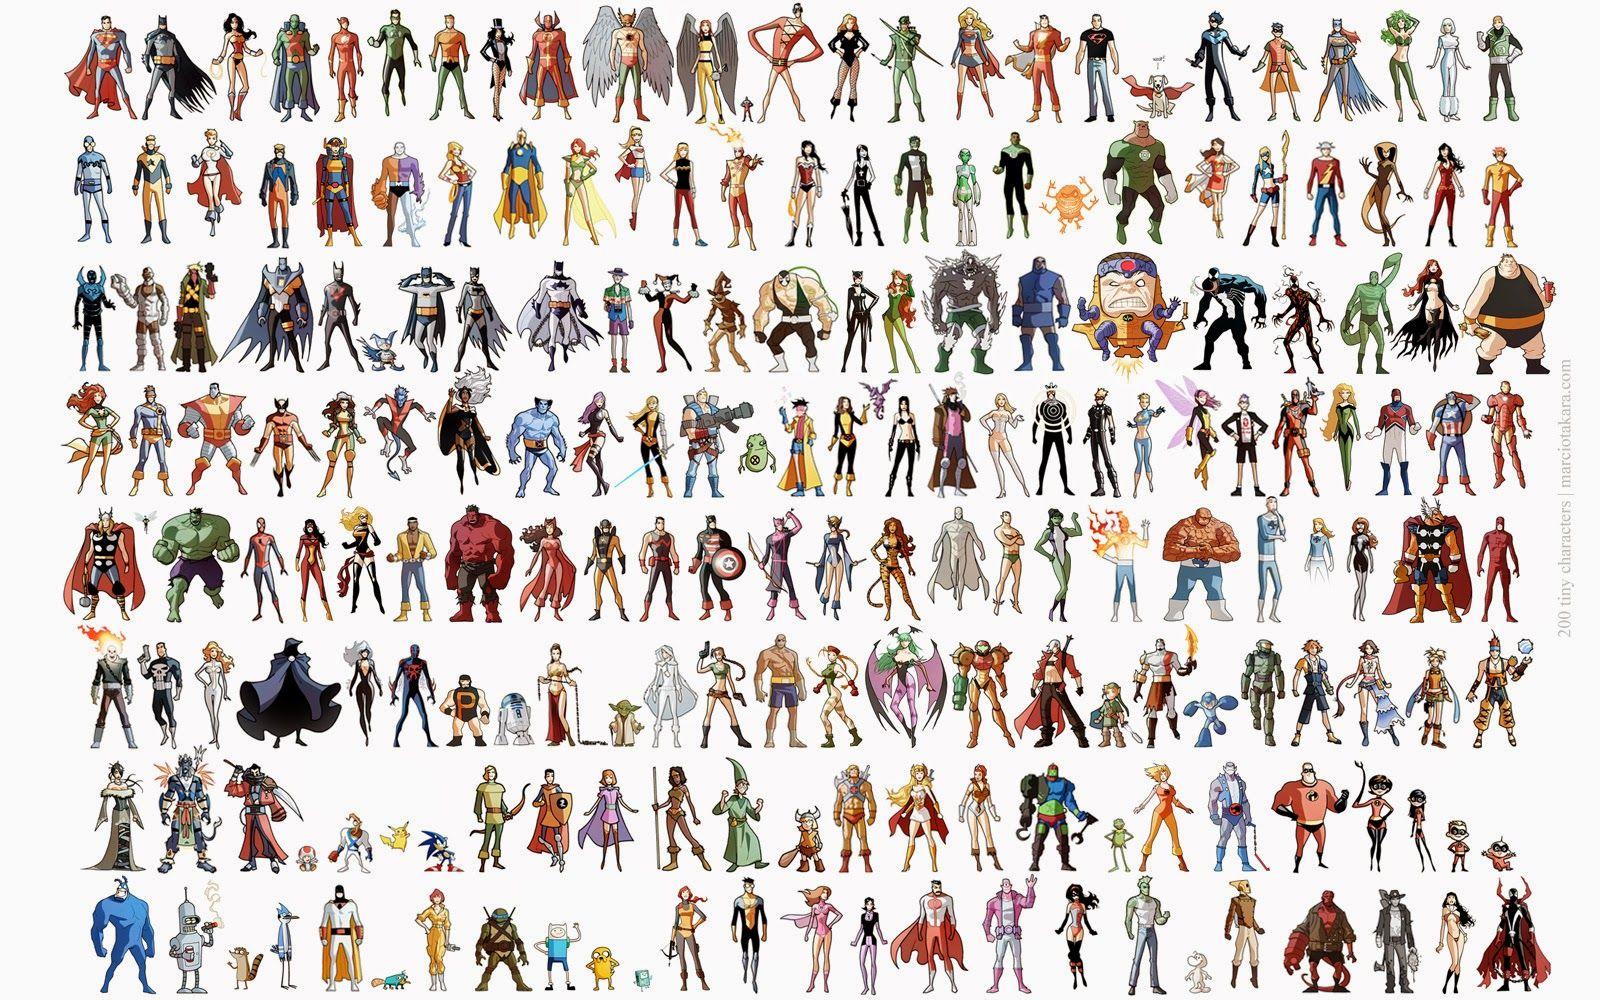 Супергерои список с картинками именами